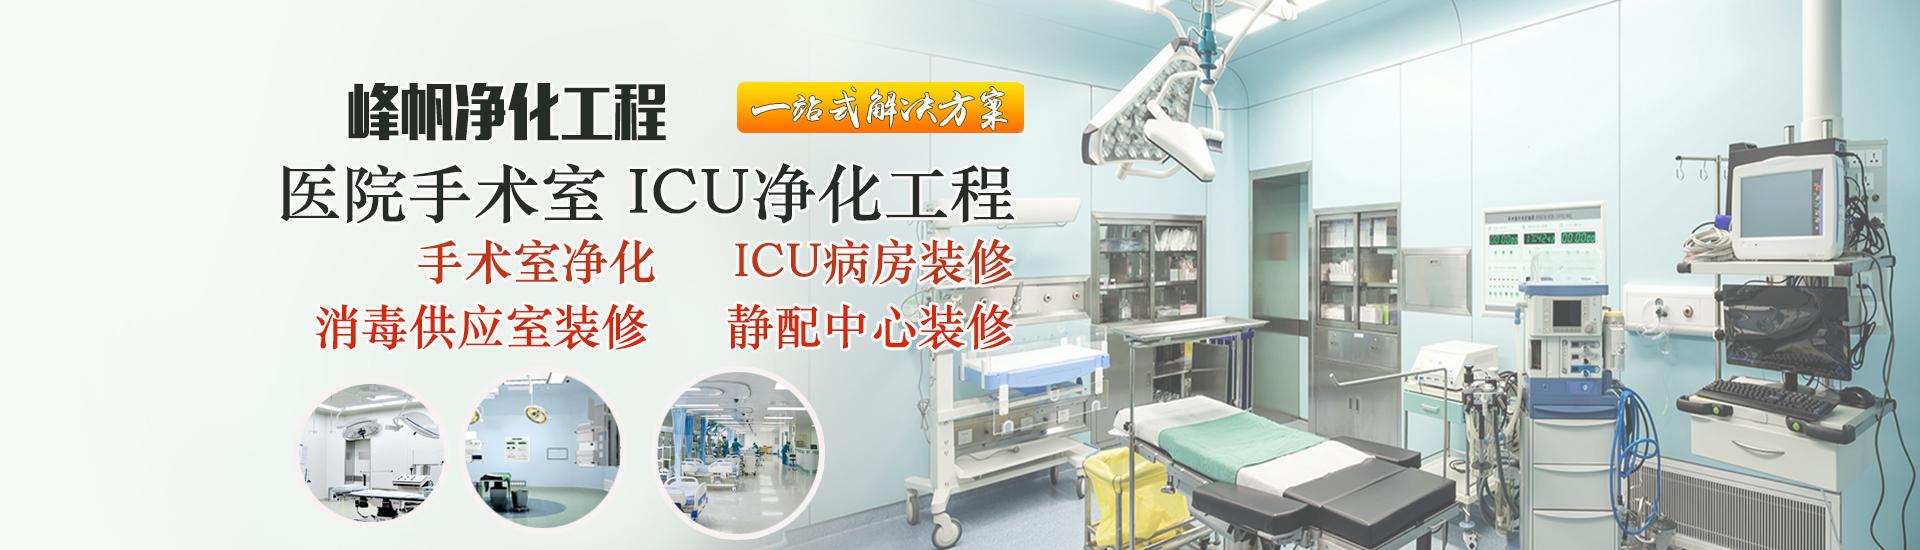 河北洁净手术室、手术室净化工程、手术部洁净工程专业设计施工